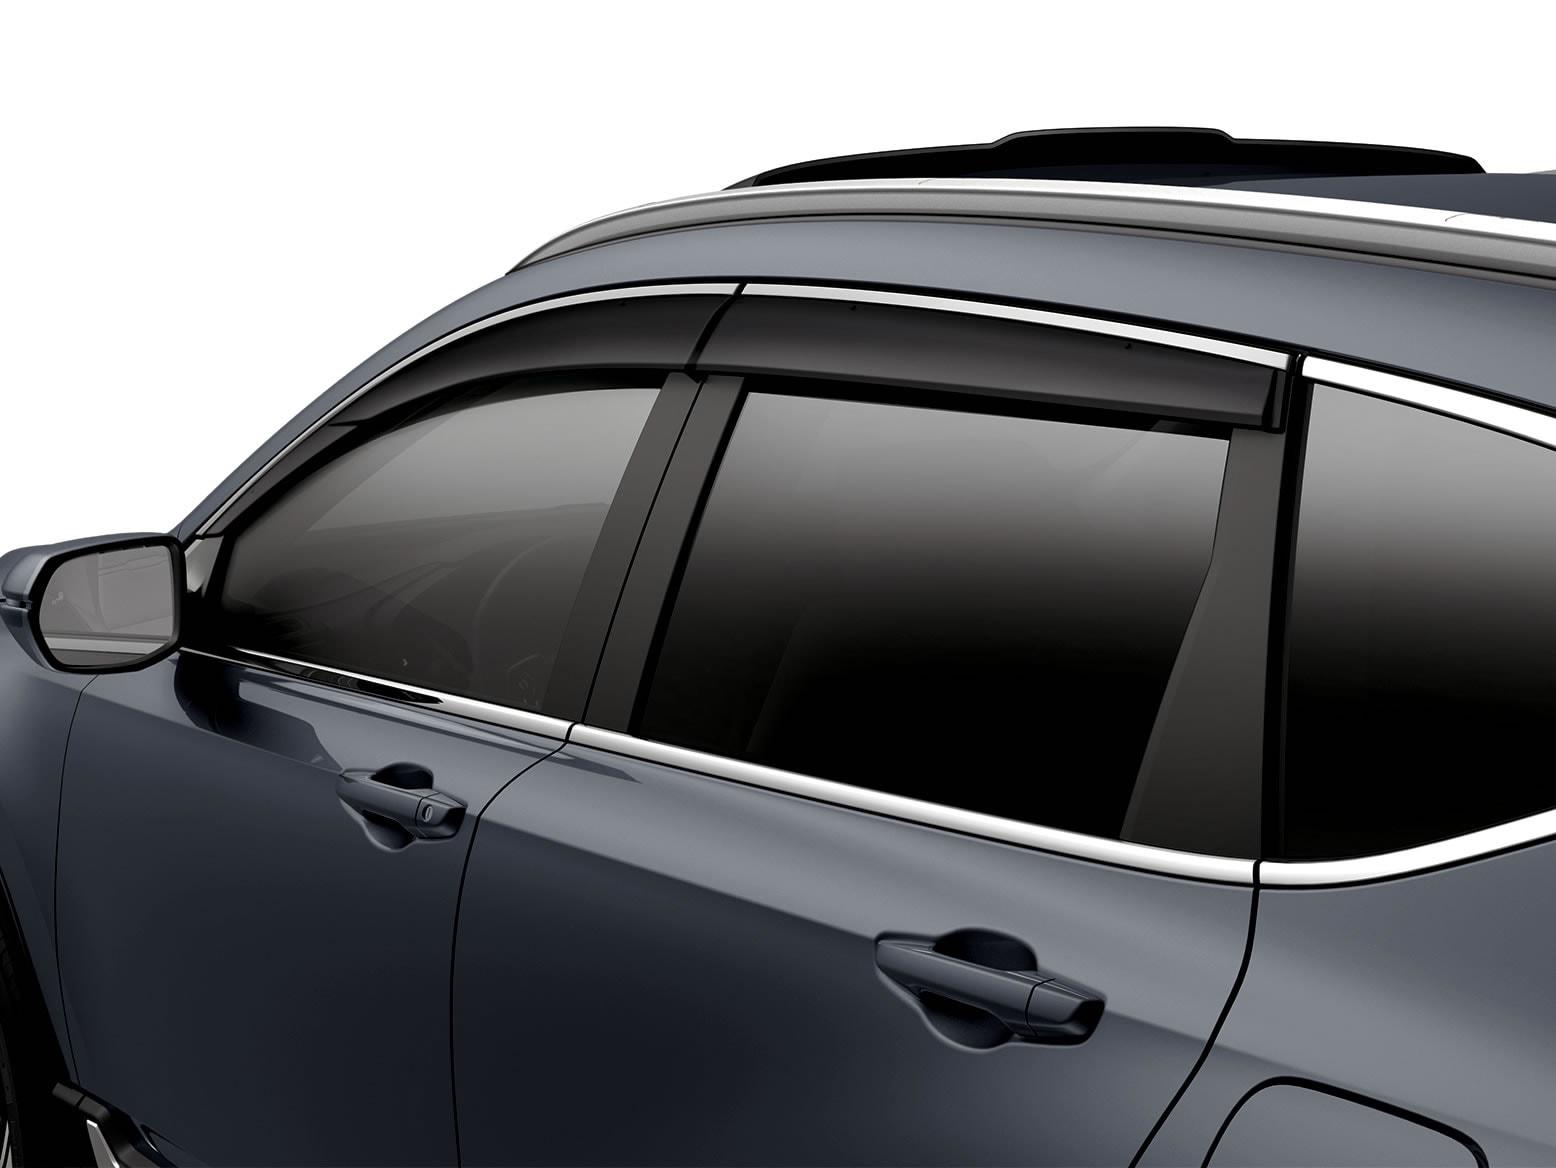 Honda online store 2017 cr v door visors for 2000 honda crv power window problems